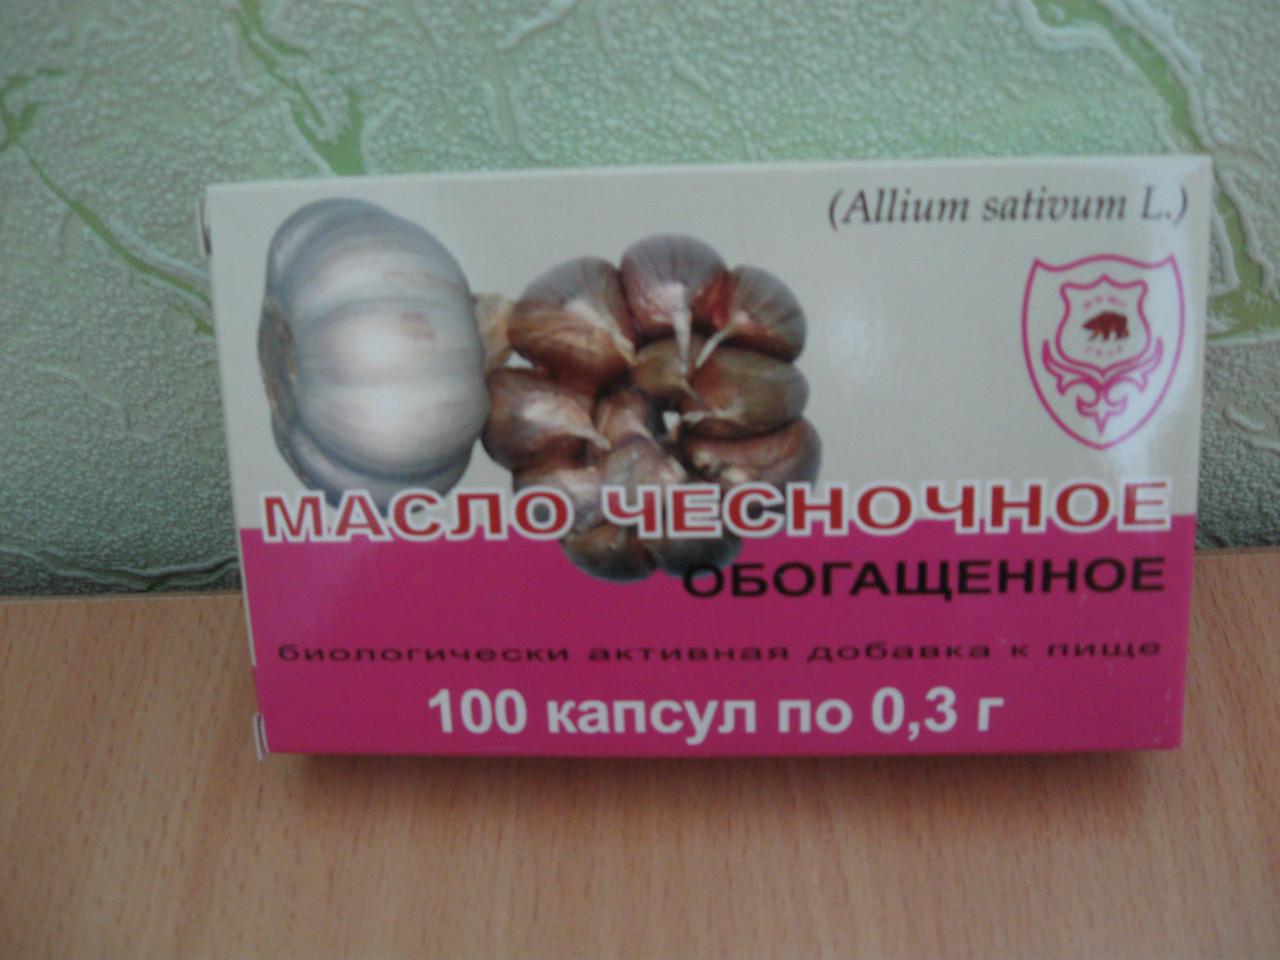 Чесночное обогащённое масло в капсулах,  №100